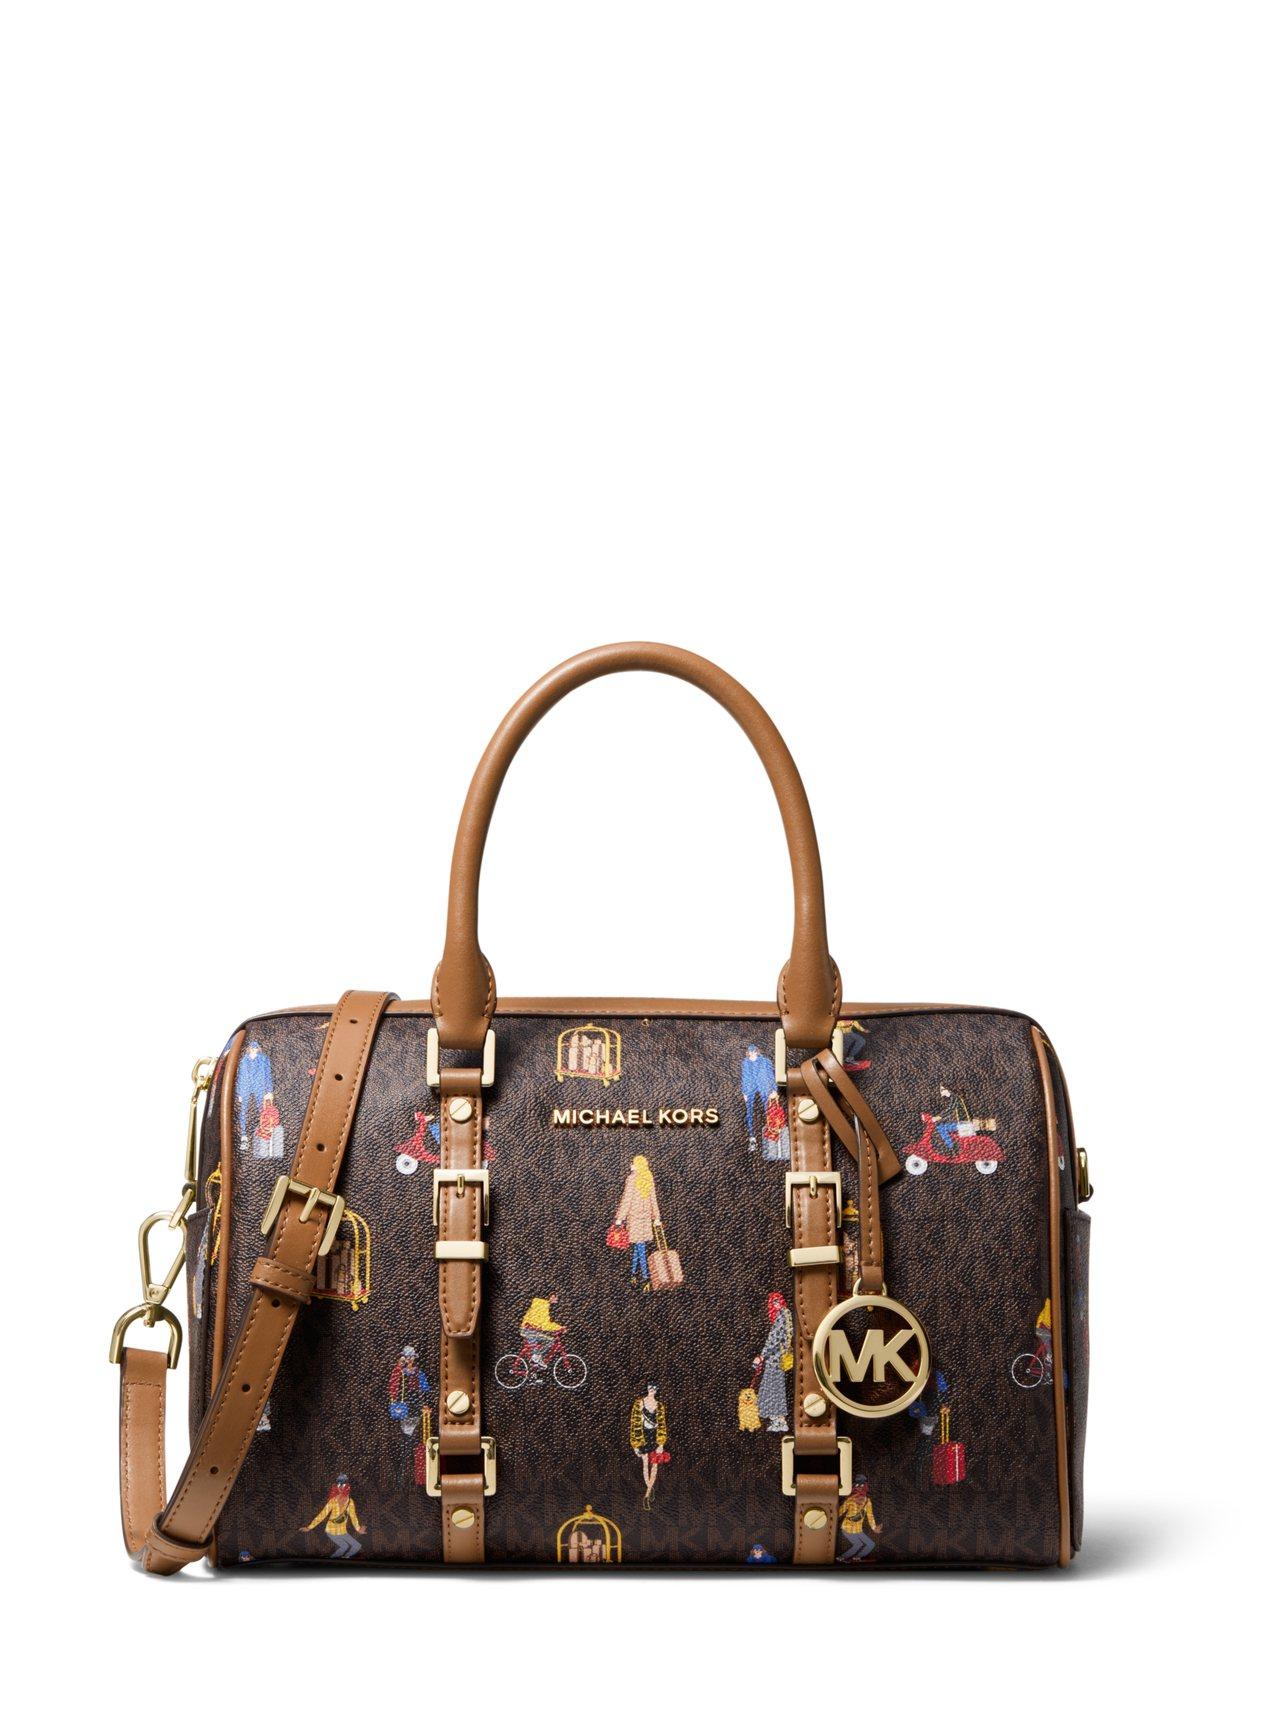 Jet Set 女郎彩繪波士頓包,售價17,800元。圖/MICHAEL KOR...